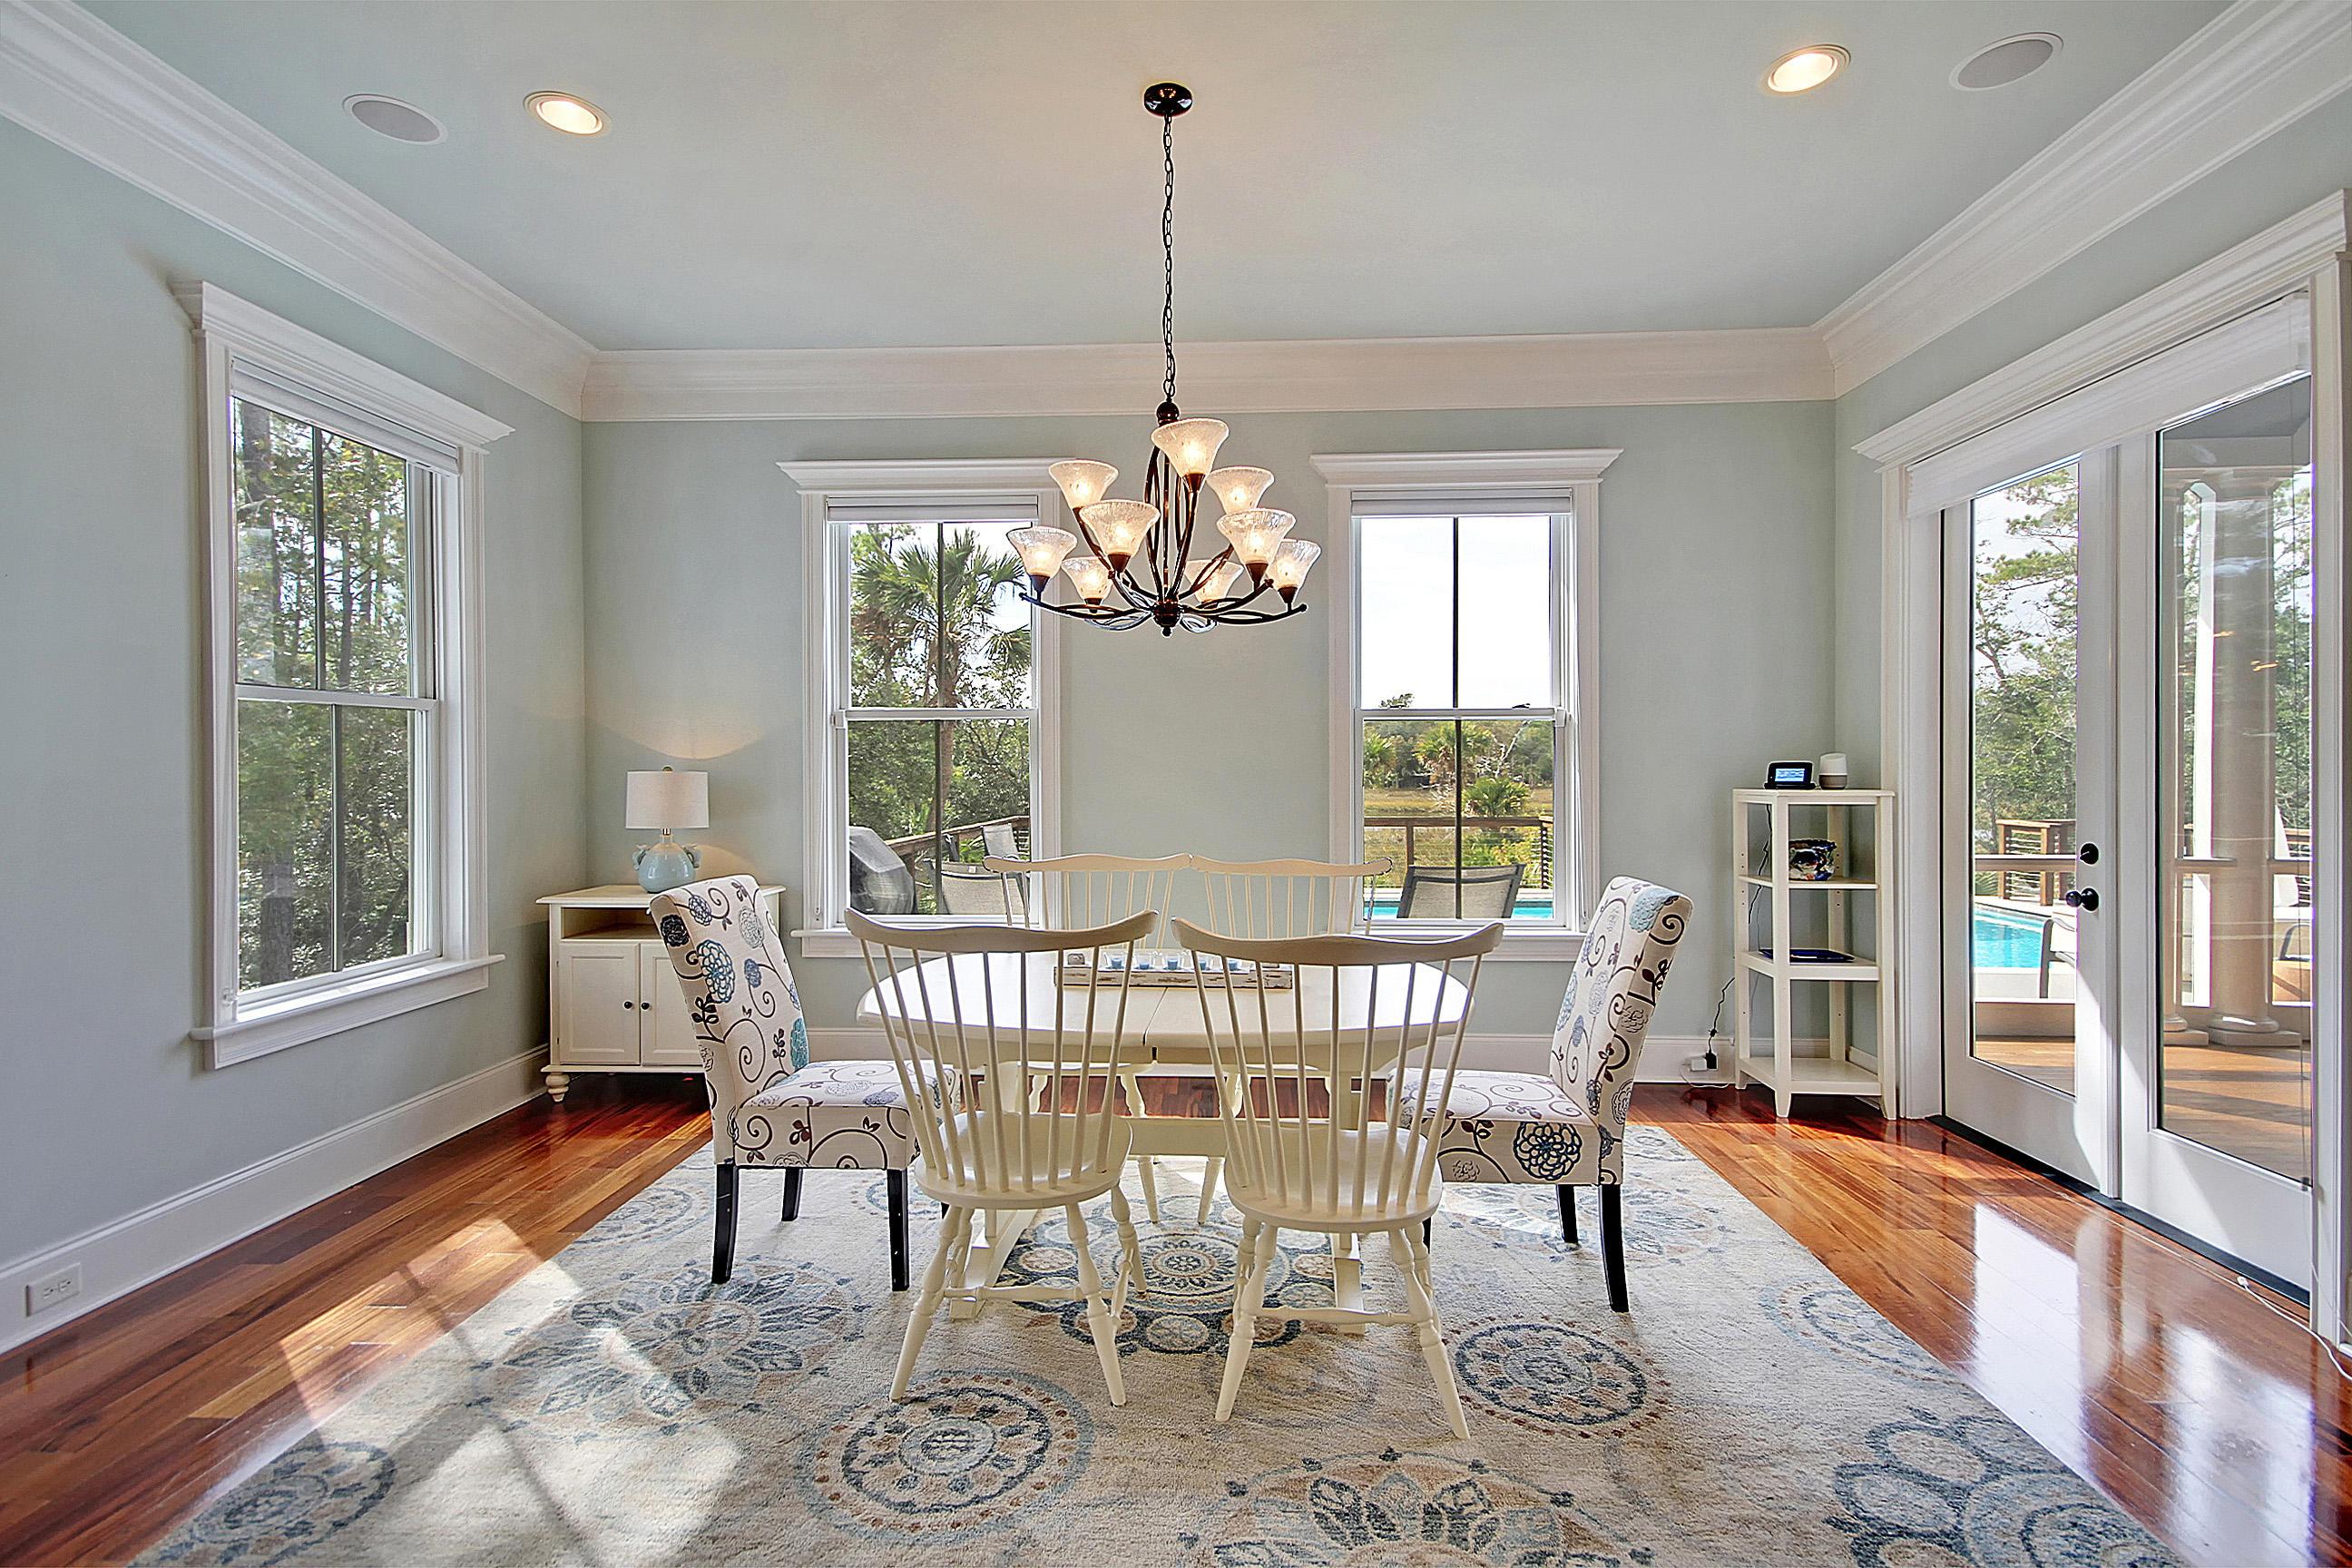 Park West Homes For Sale - 3940 Ashton Shore, Mount Pleasant, SC - 52